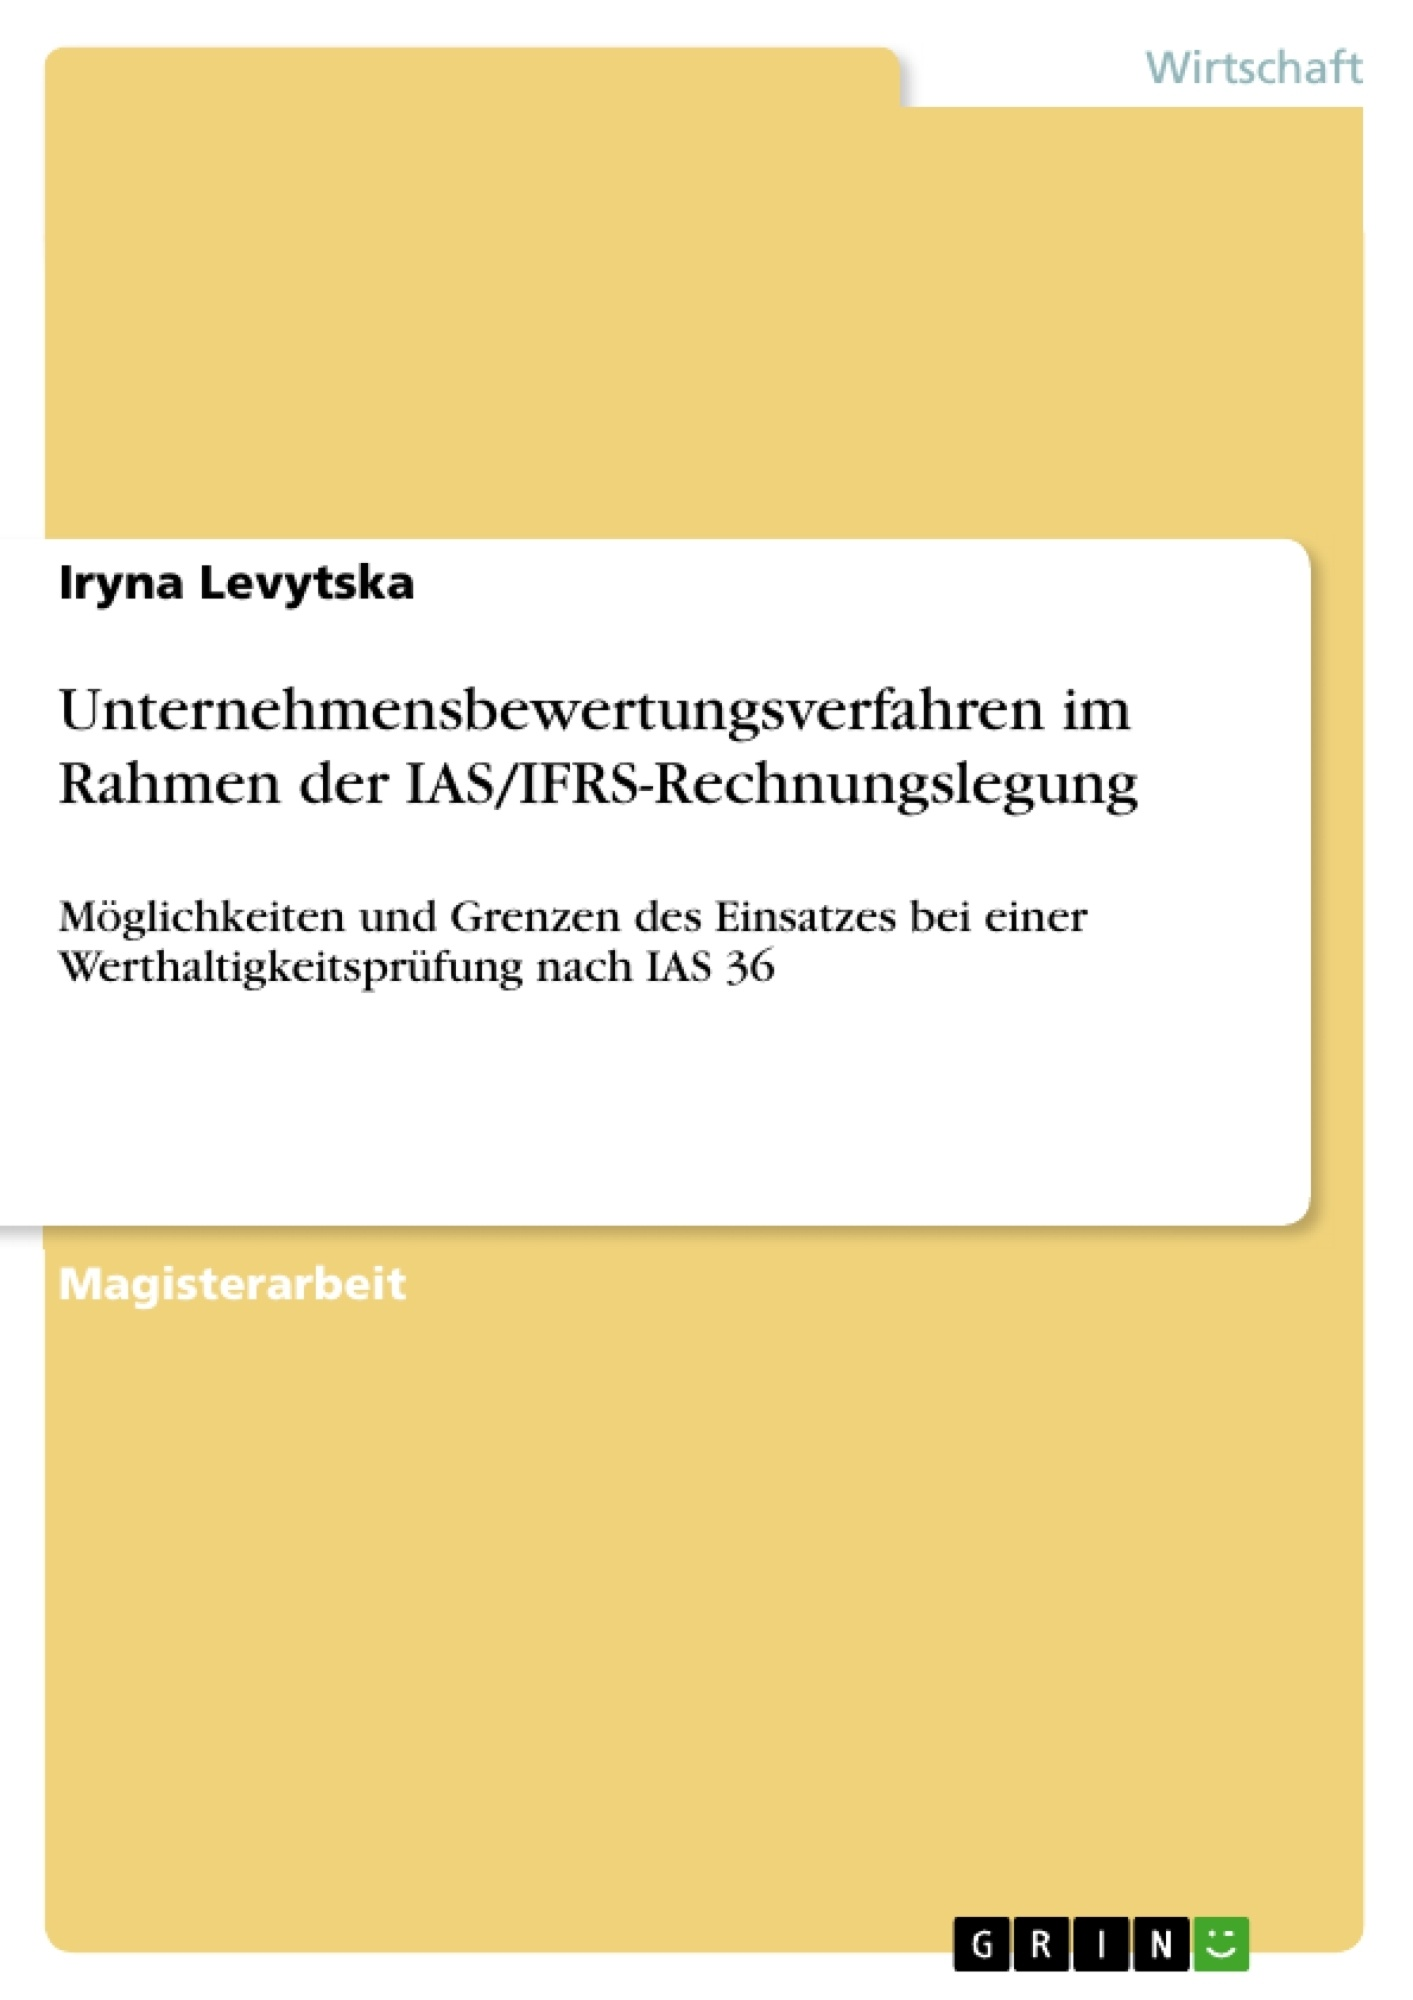 Titel: Unternehmensbewertungsverfahren im Rahmen der IAS/IFRS-Rechnungslegung